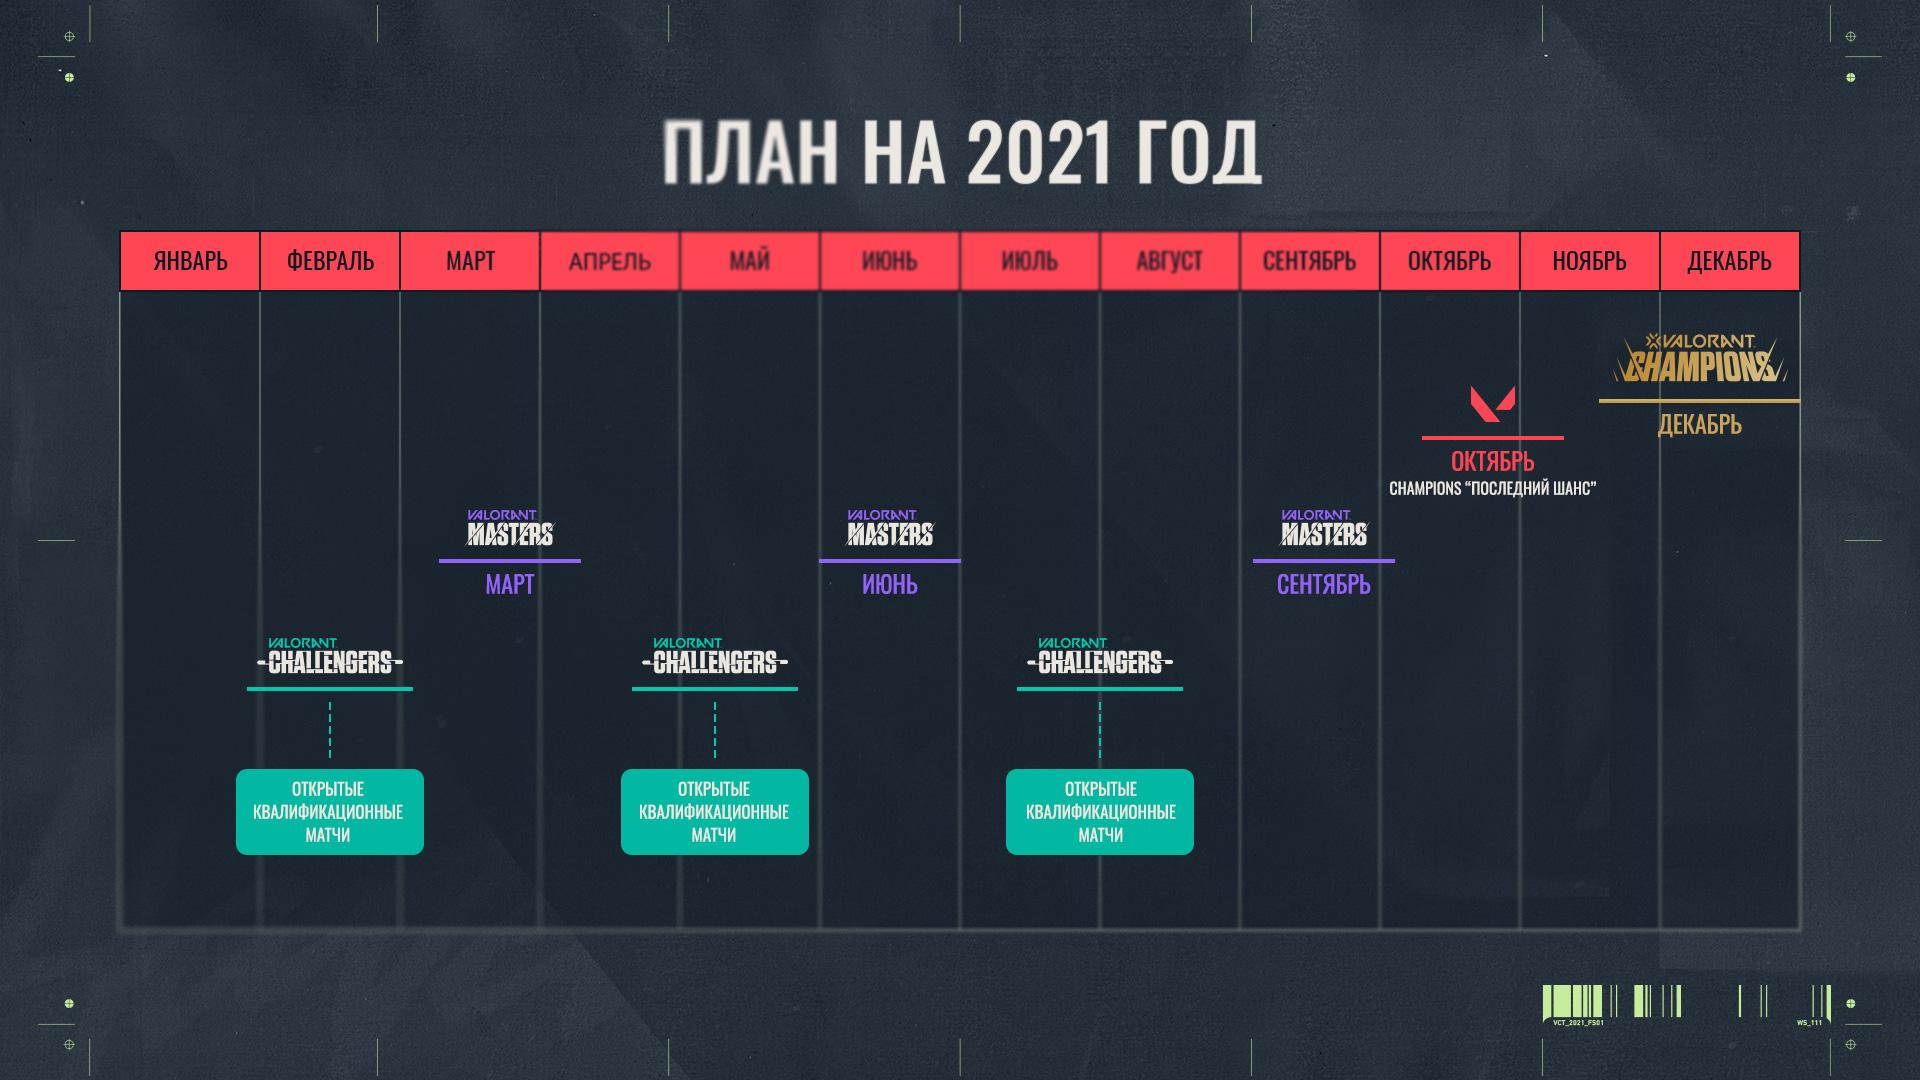 В Valorant будет свой чемпионат мира. Riot анонсировала систему Champions Tour